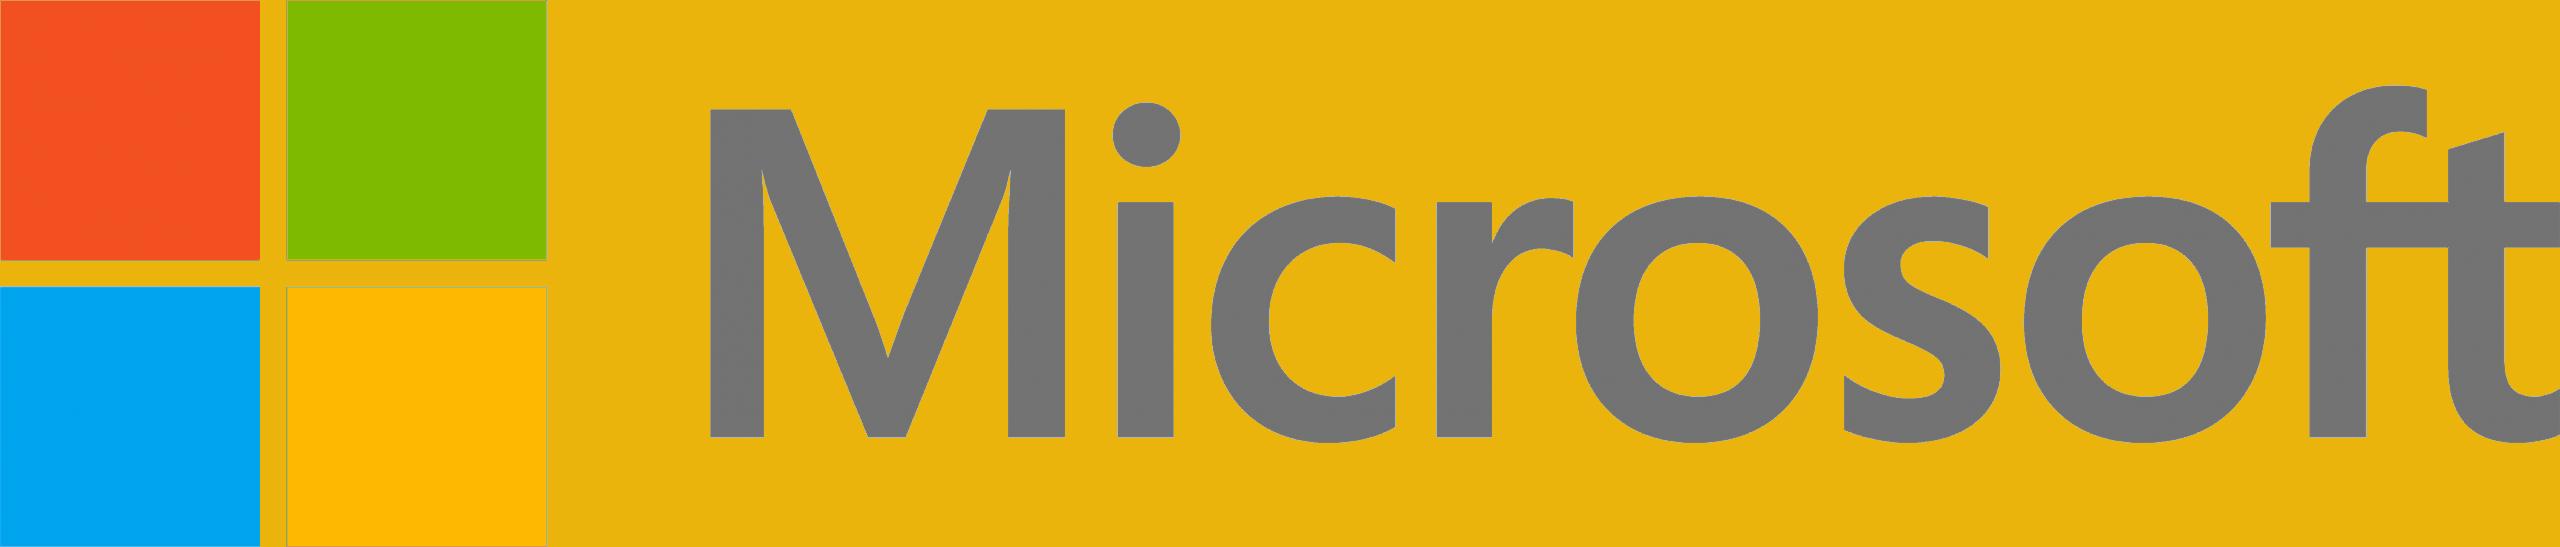 microsoft_PNG16